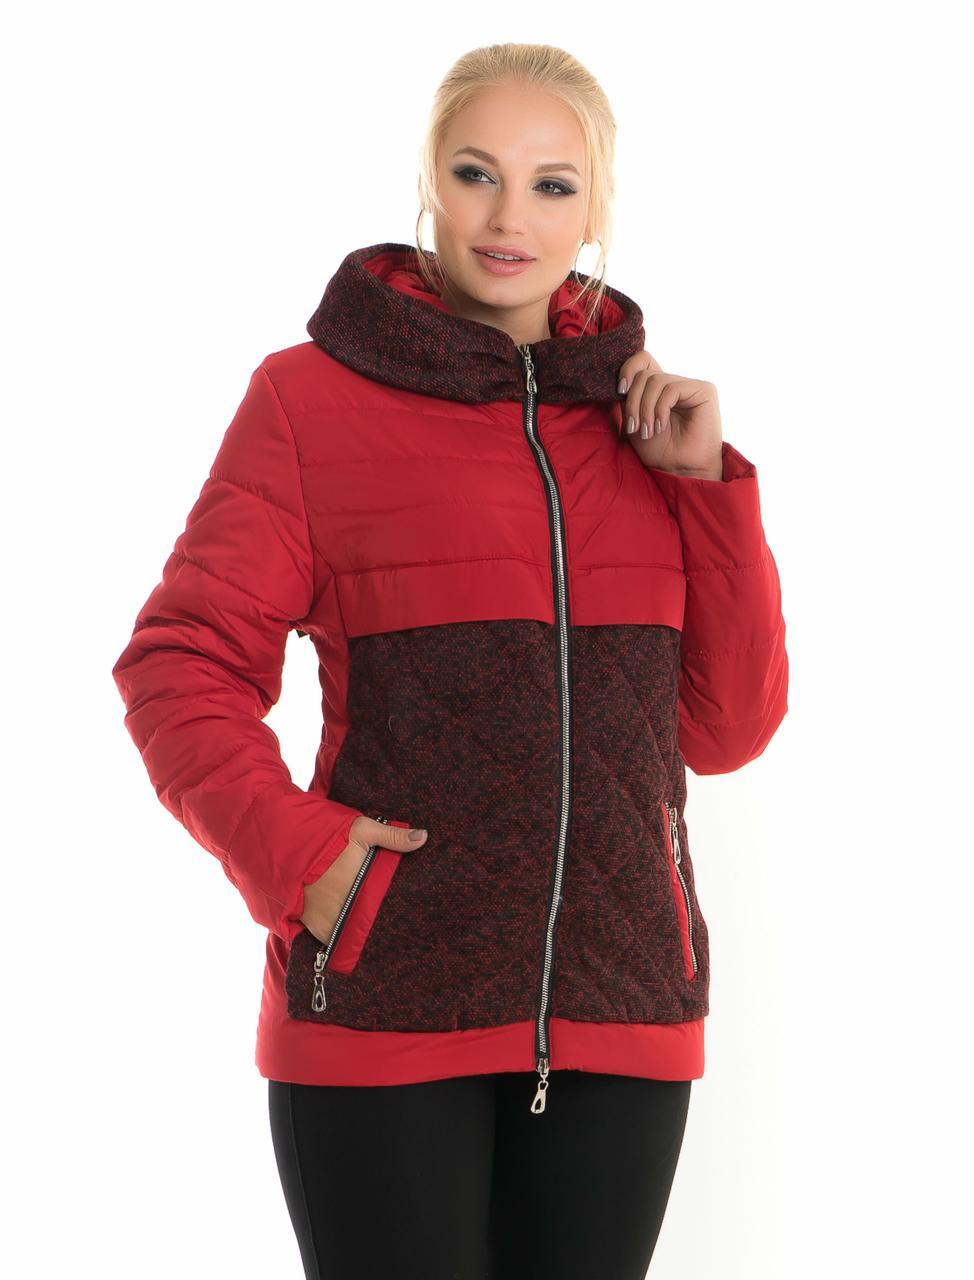 Стильна коротка куртка від виробника